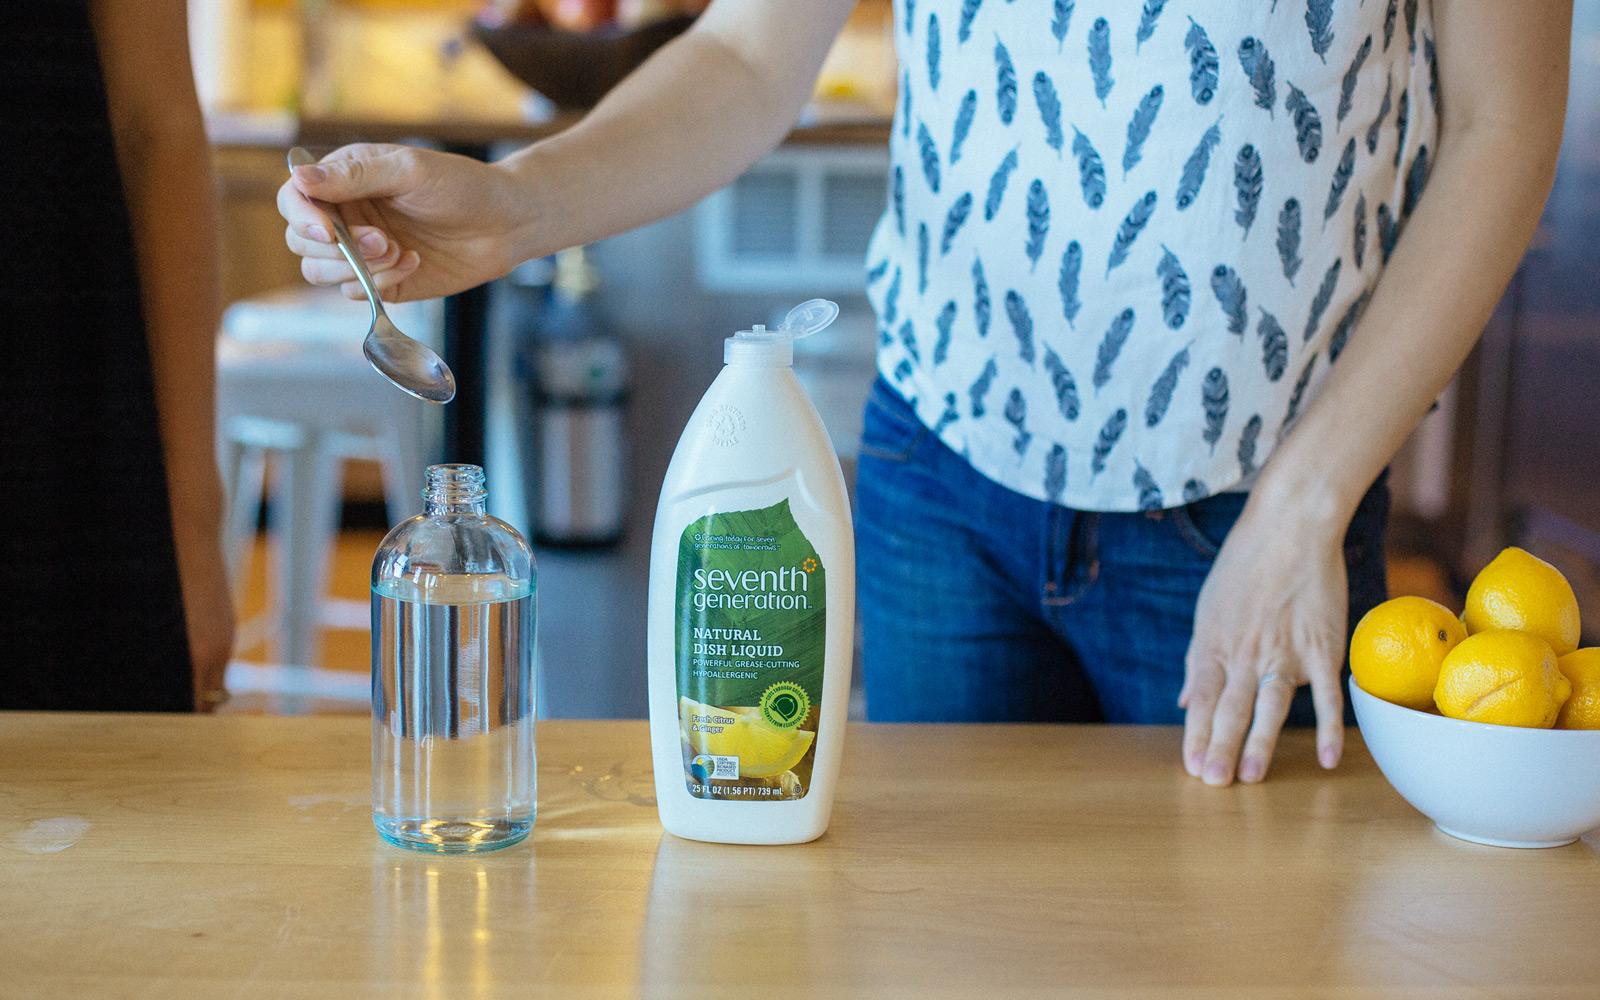 vinegar for diy floor cleaner